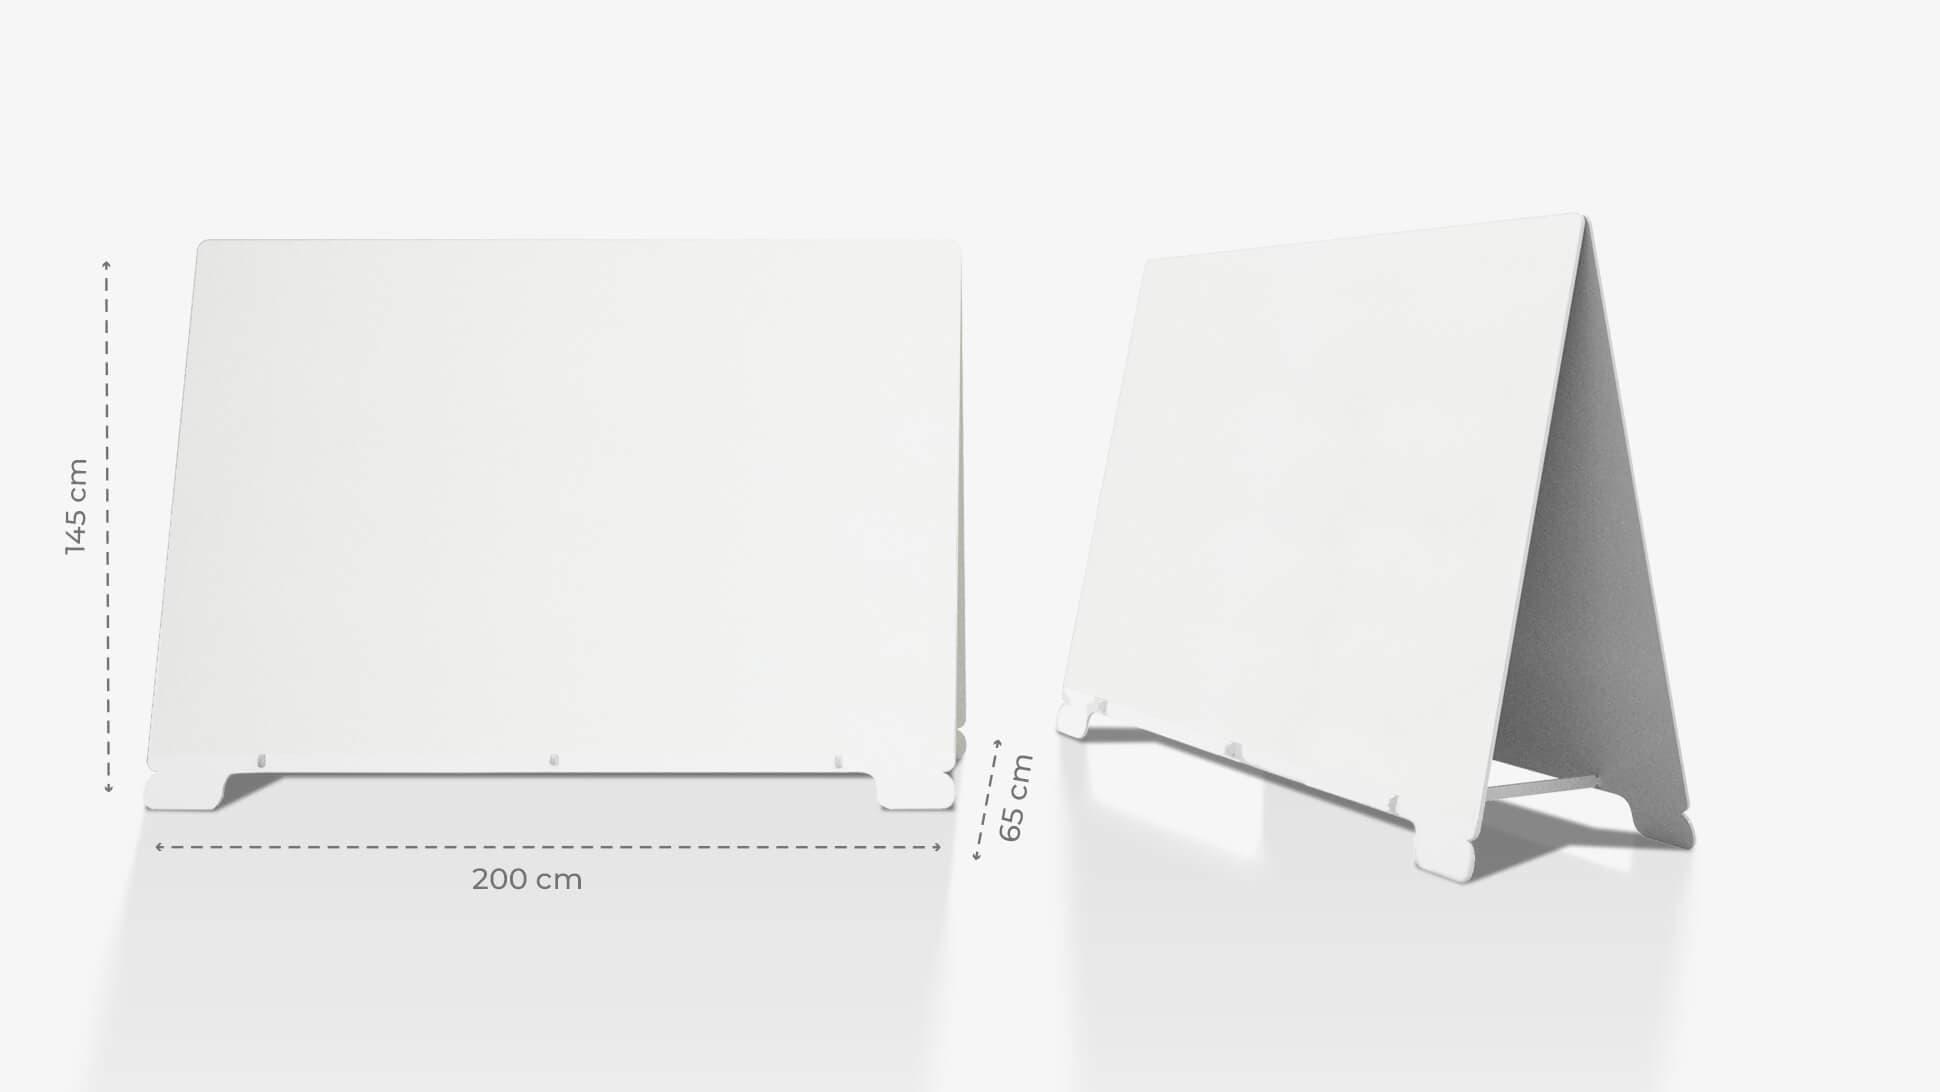 Cavalletto in polionda 145x200 cm personalizzabile | tictac.it